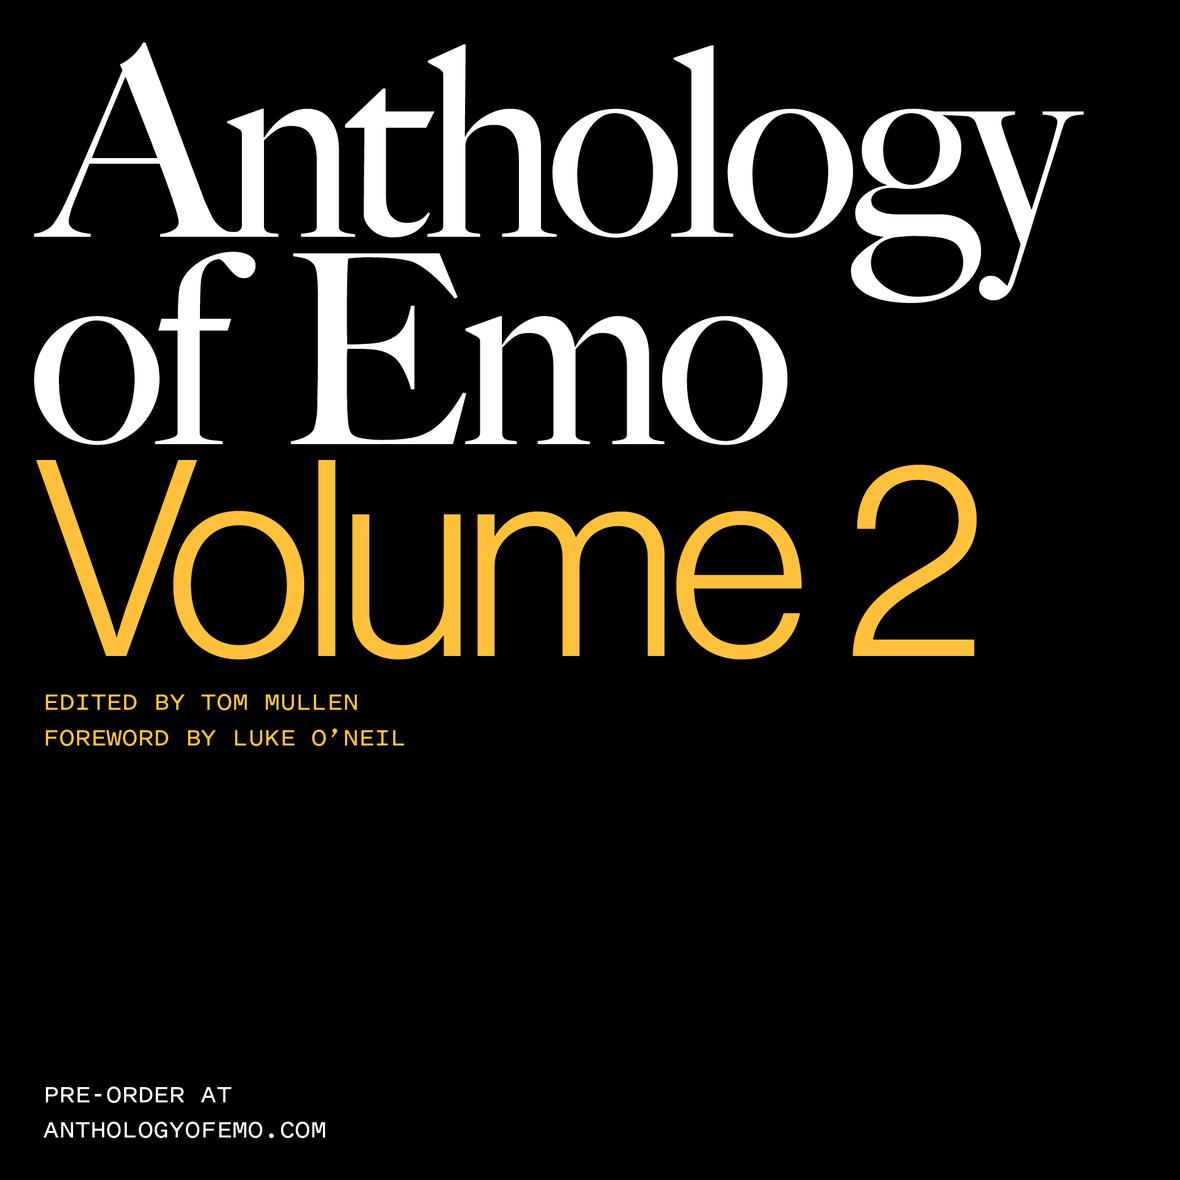 Anthology of Emo